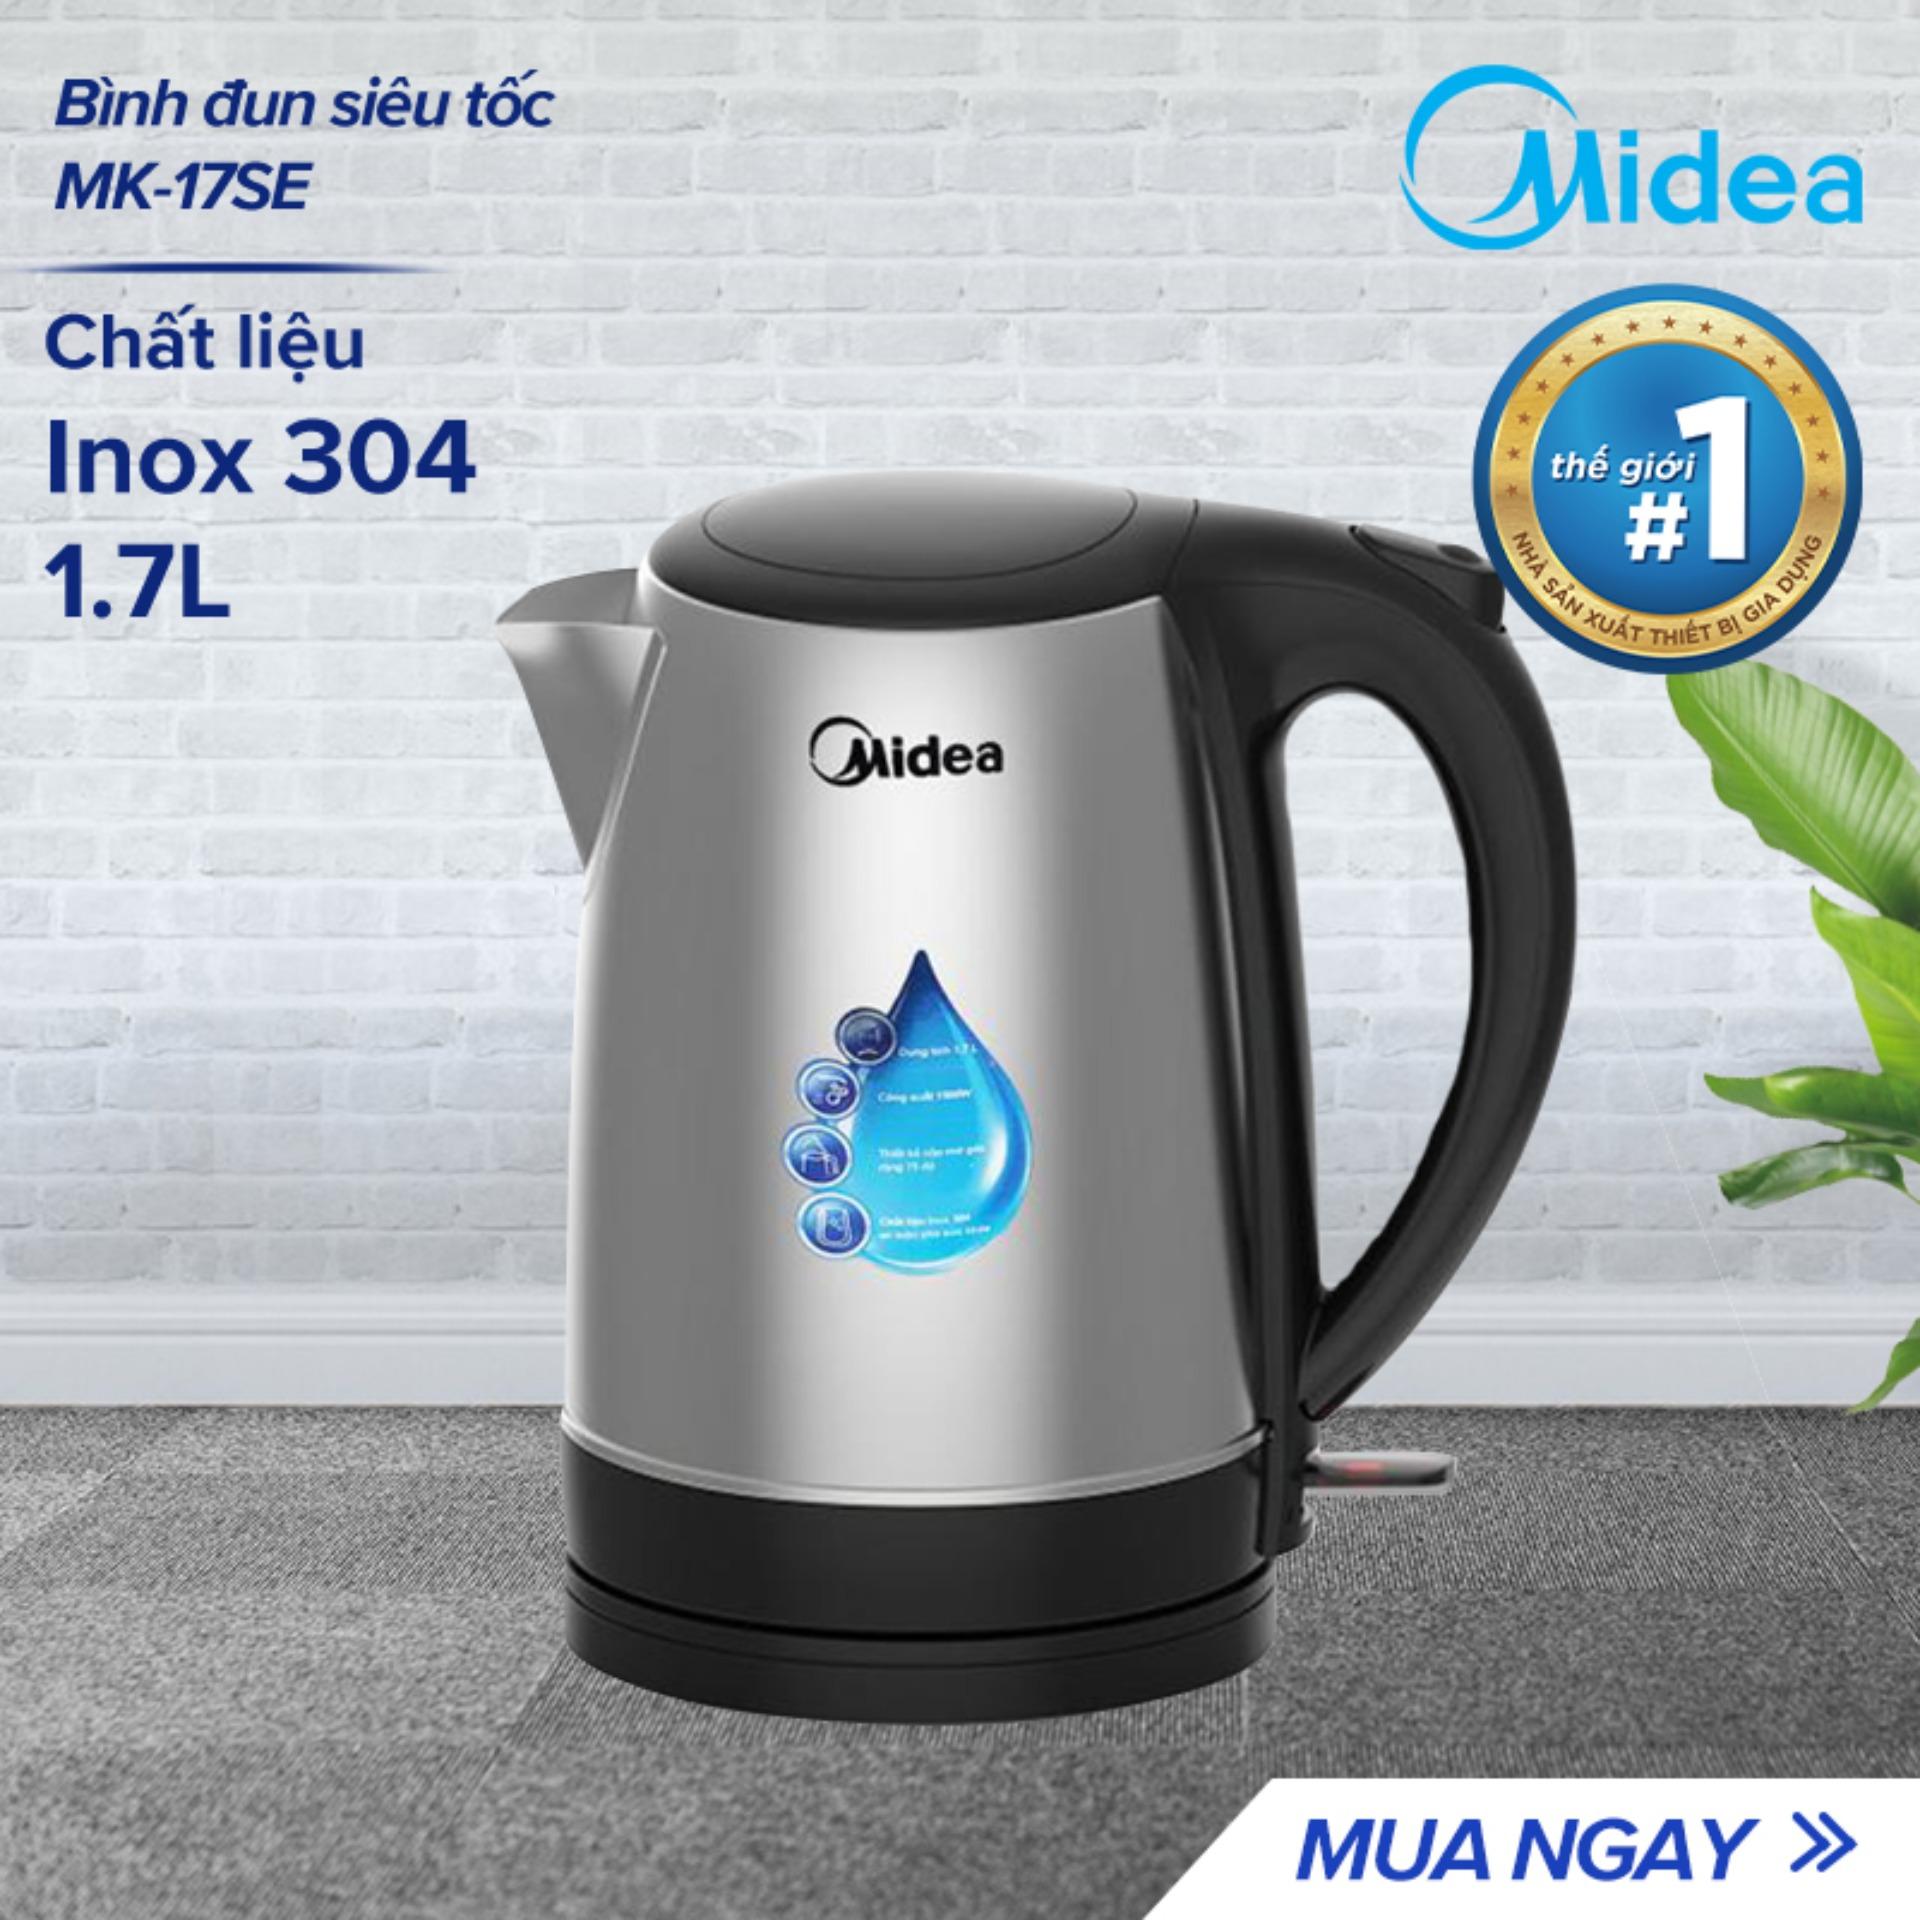 Bình đun siêu tốc Midea MK-17SE - 1500W 1.7L - Thiết kế Inox cao cấp & an toàn - Tự ngắt khi nước sôi và khi cạn nước - Hàng phân phối chính hãng bảo hành 1 năm